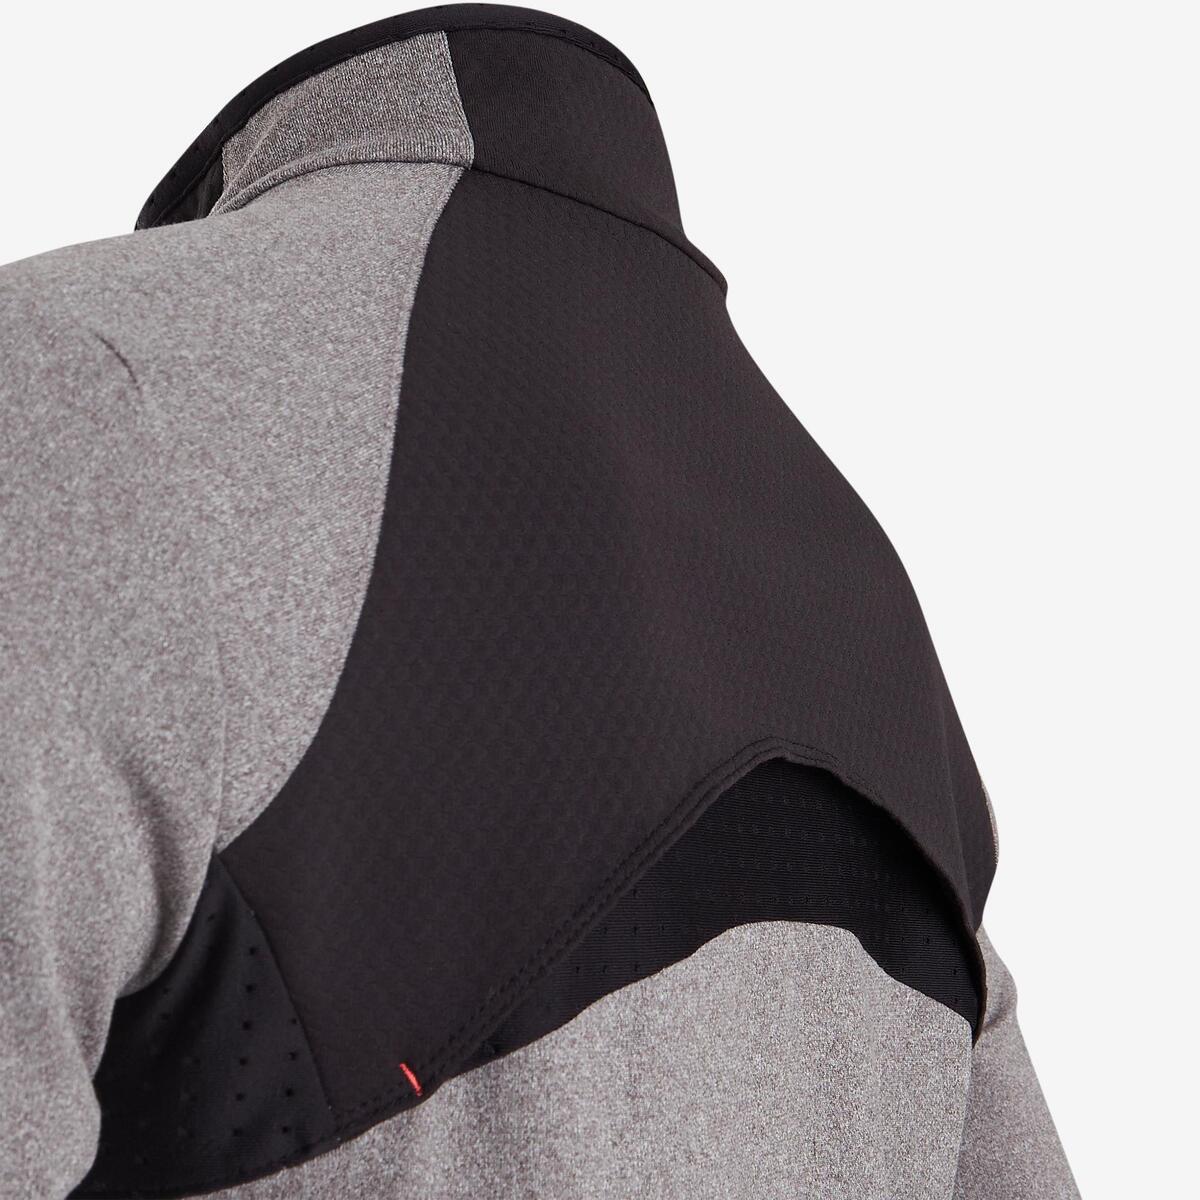 Bild 4 von Trainingsjacke warm atmungsaktiv S900 Gym Kinder grau/schwarze Einsätze